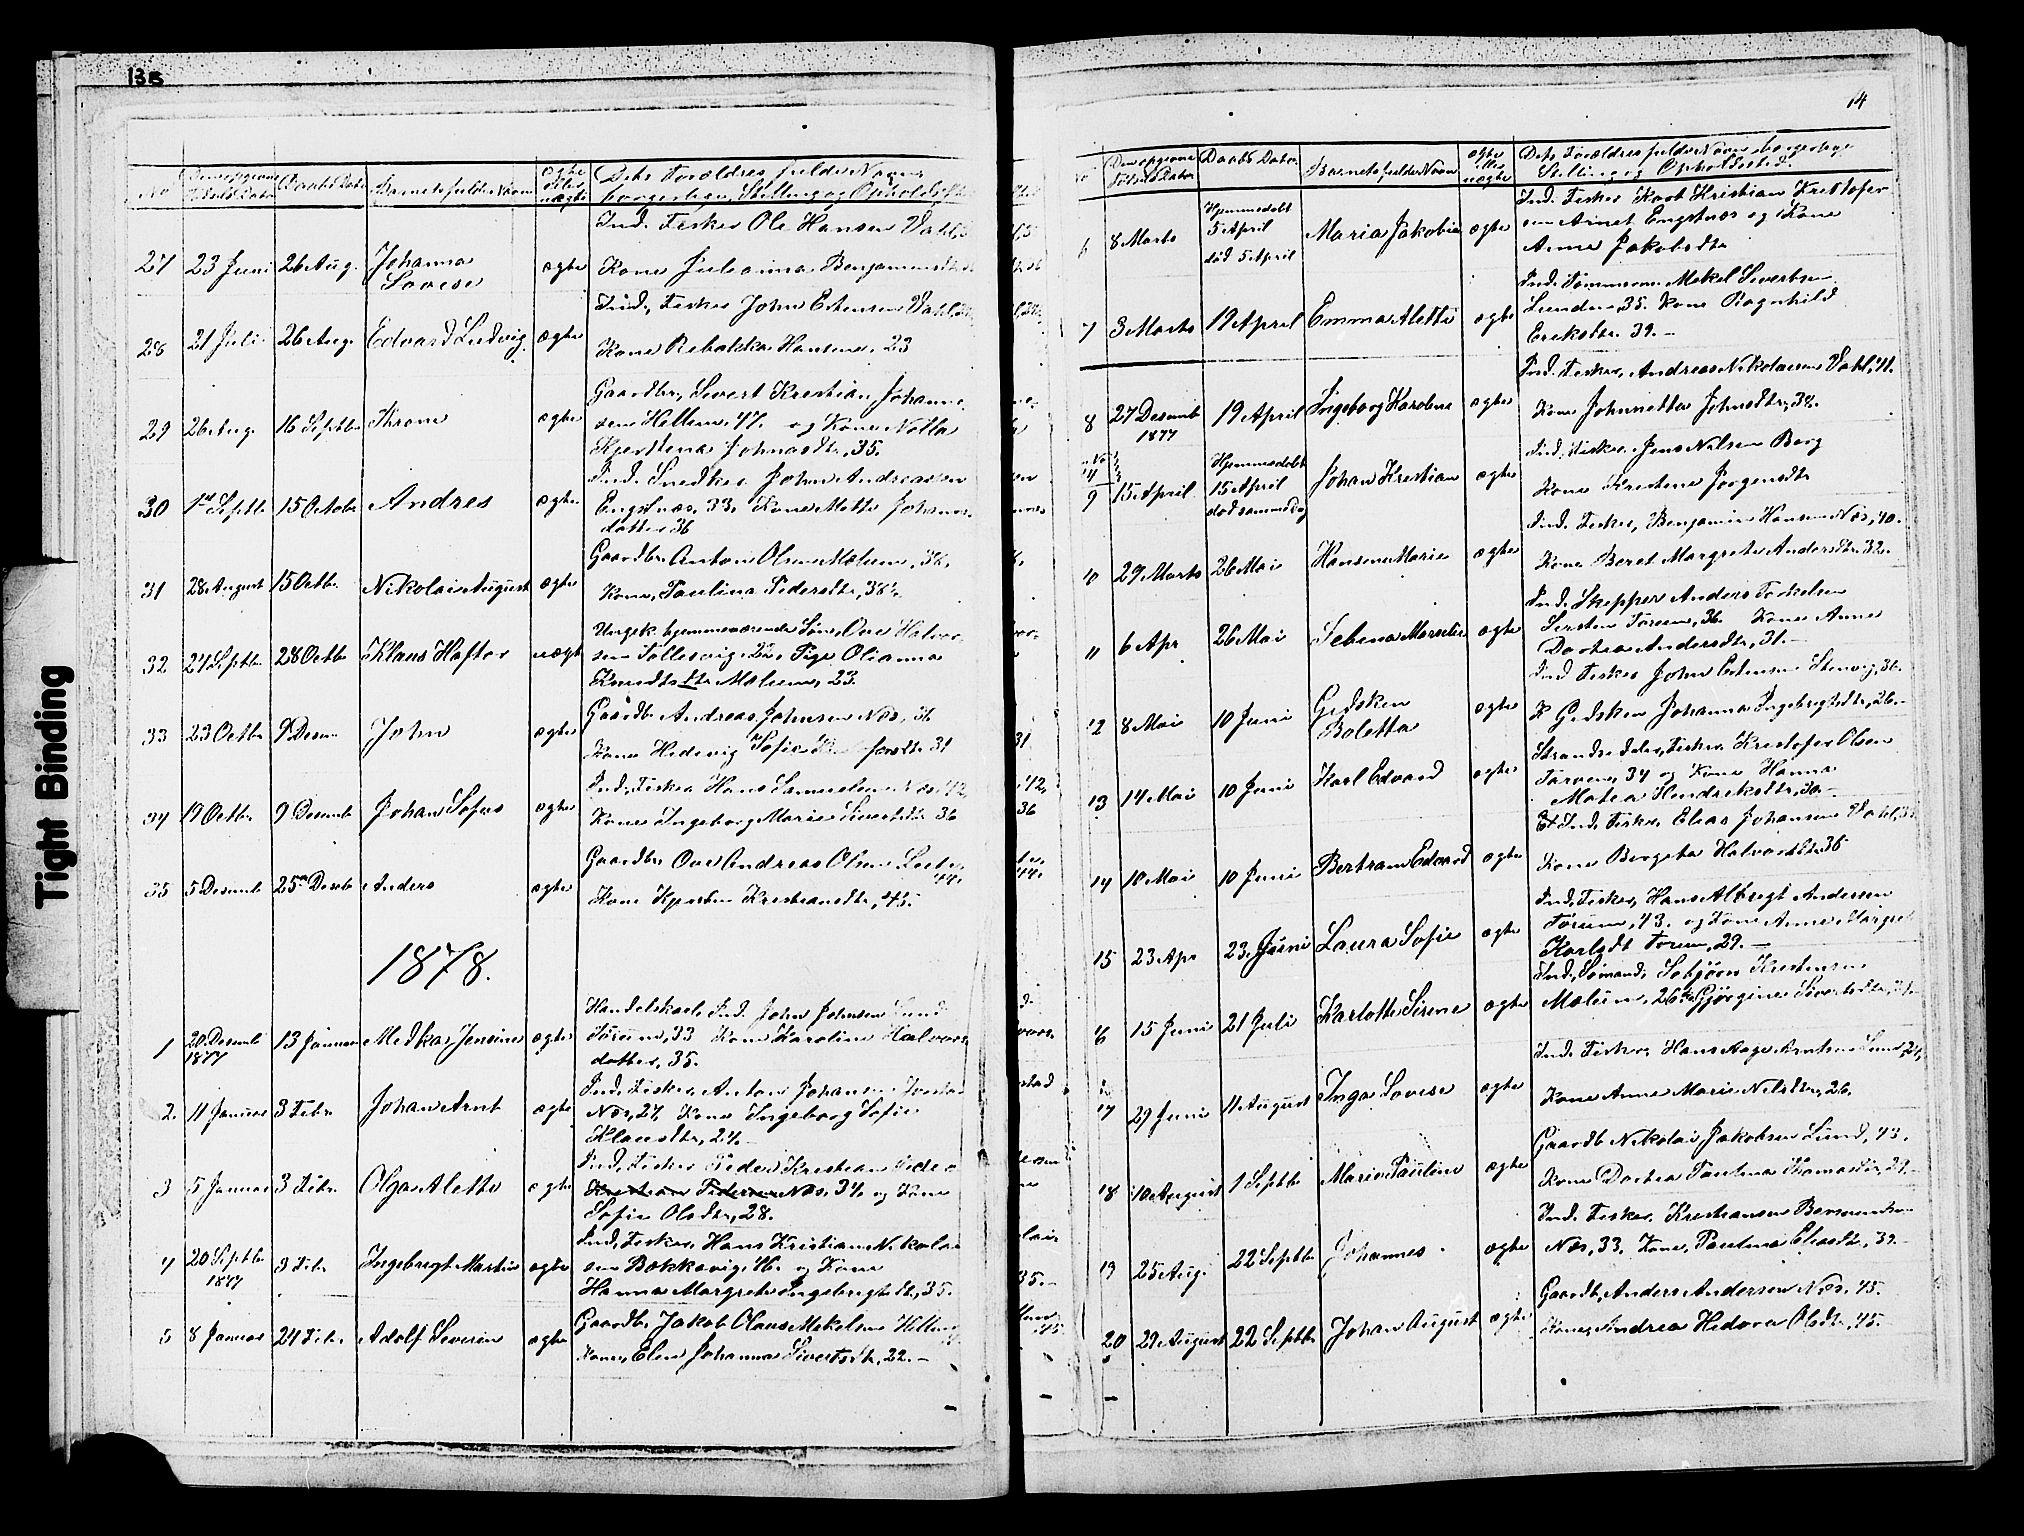 SAT, Ministerialprotokoller, klokkerbøker og fødselsregistre - Sør-Trøndelag, 652/L0653: Klokkerbok nr. 652C01, 1866-1910, s. 14